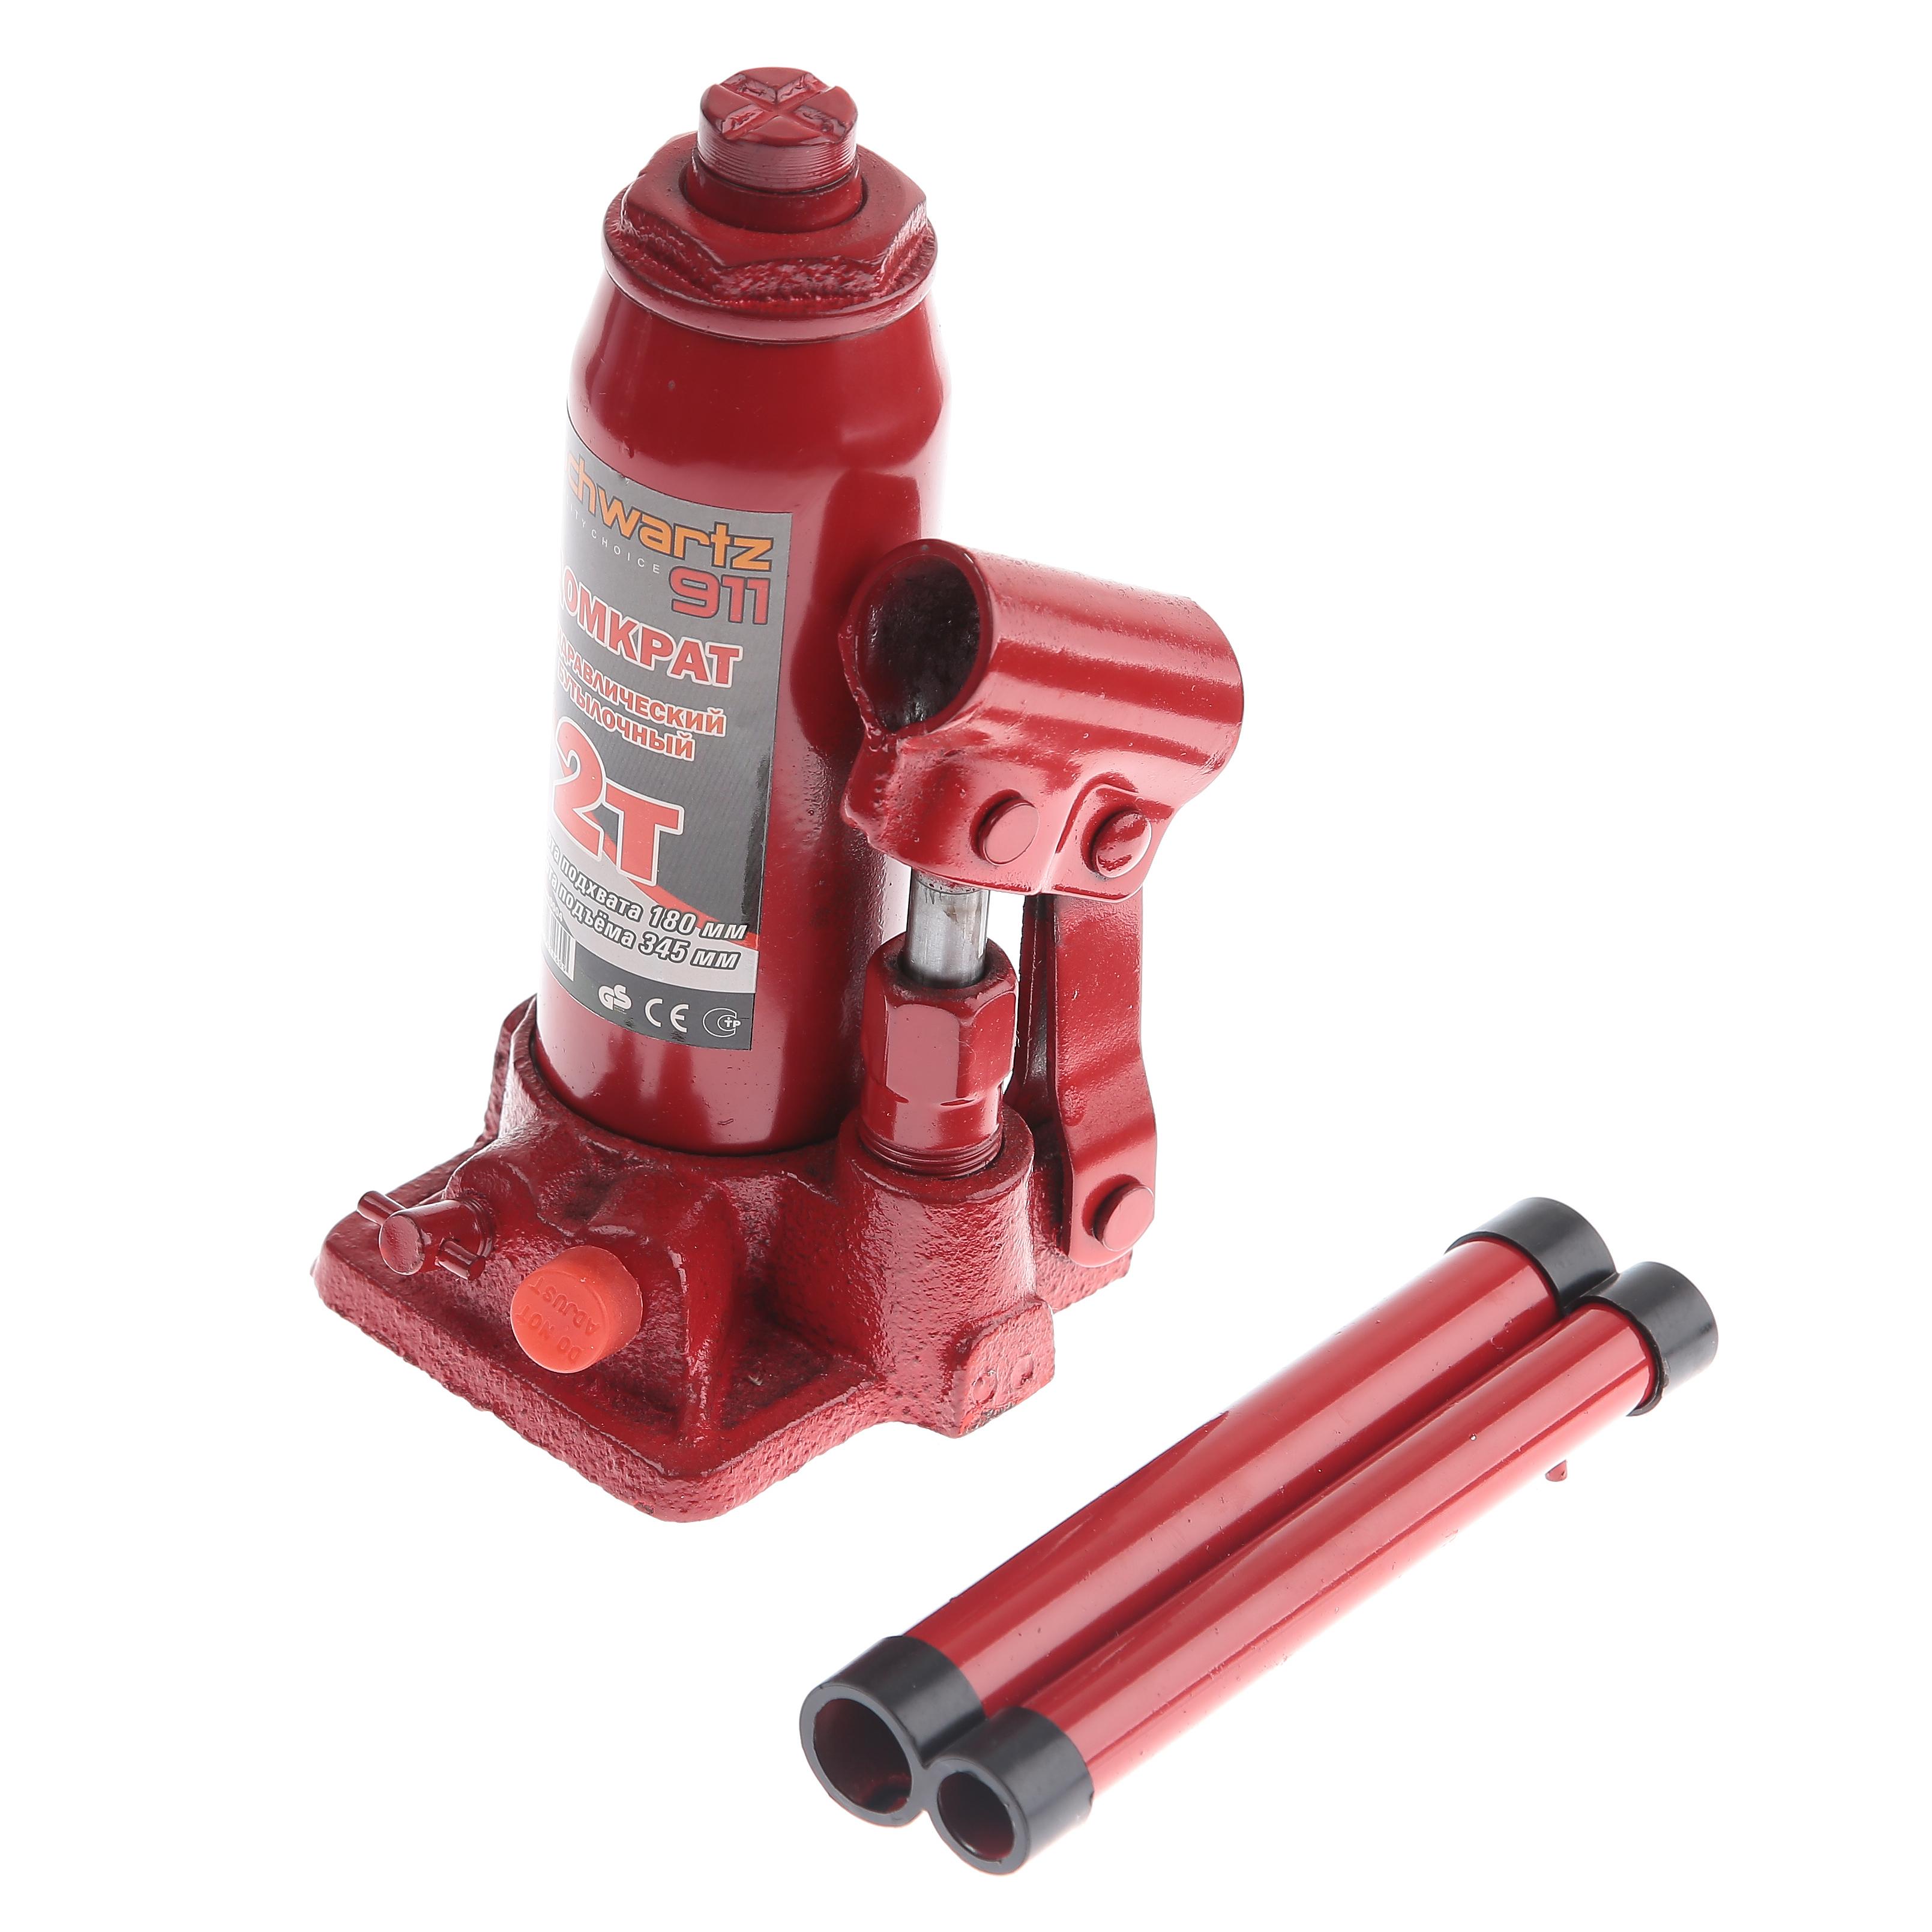 Бутылочный домкрат Schwartz-911 Sj-2 2Т домкрат гидравлический бутылочный sparta 2т 148 278мм 50321